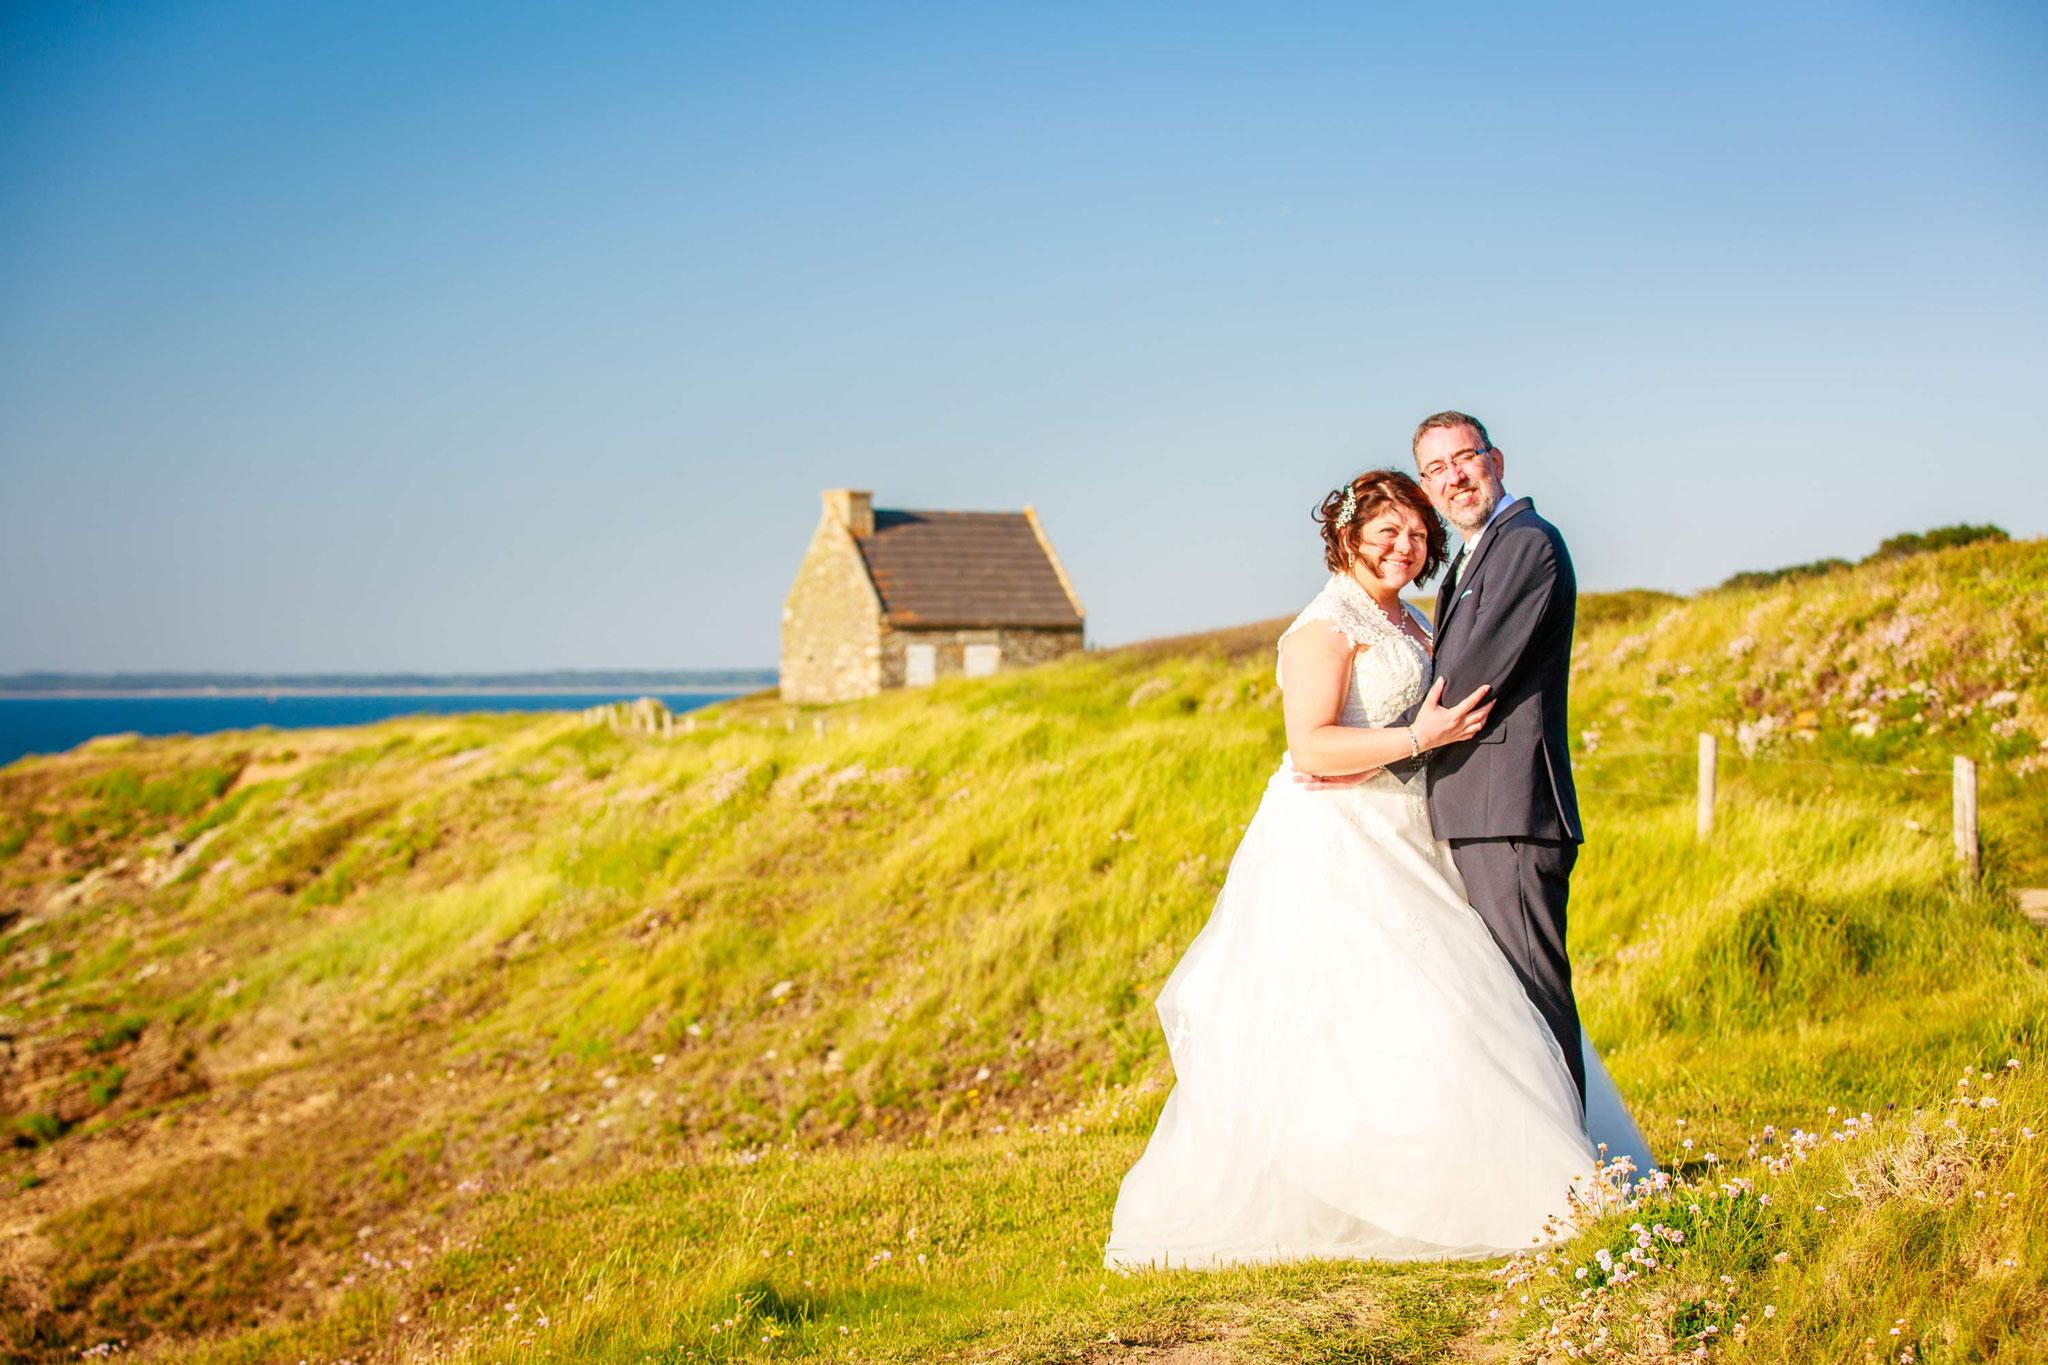 séance photo de mariage en apparté sur la cote sauvage